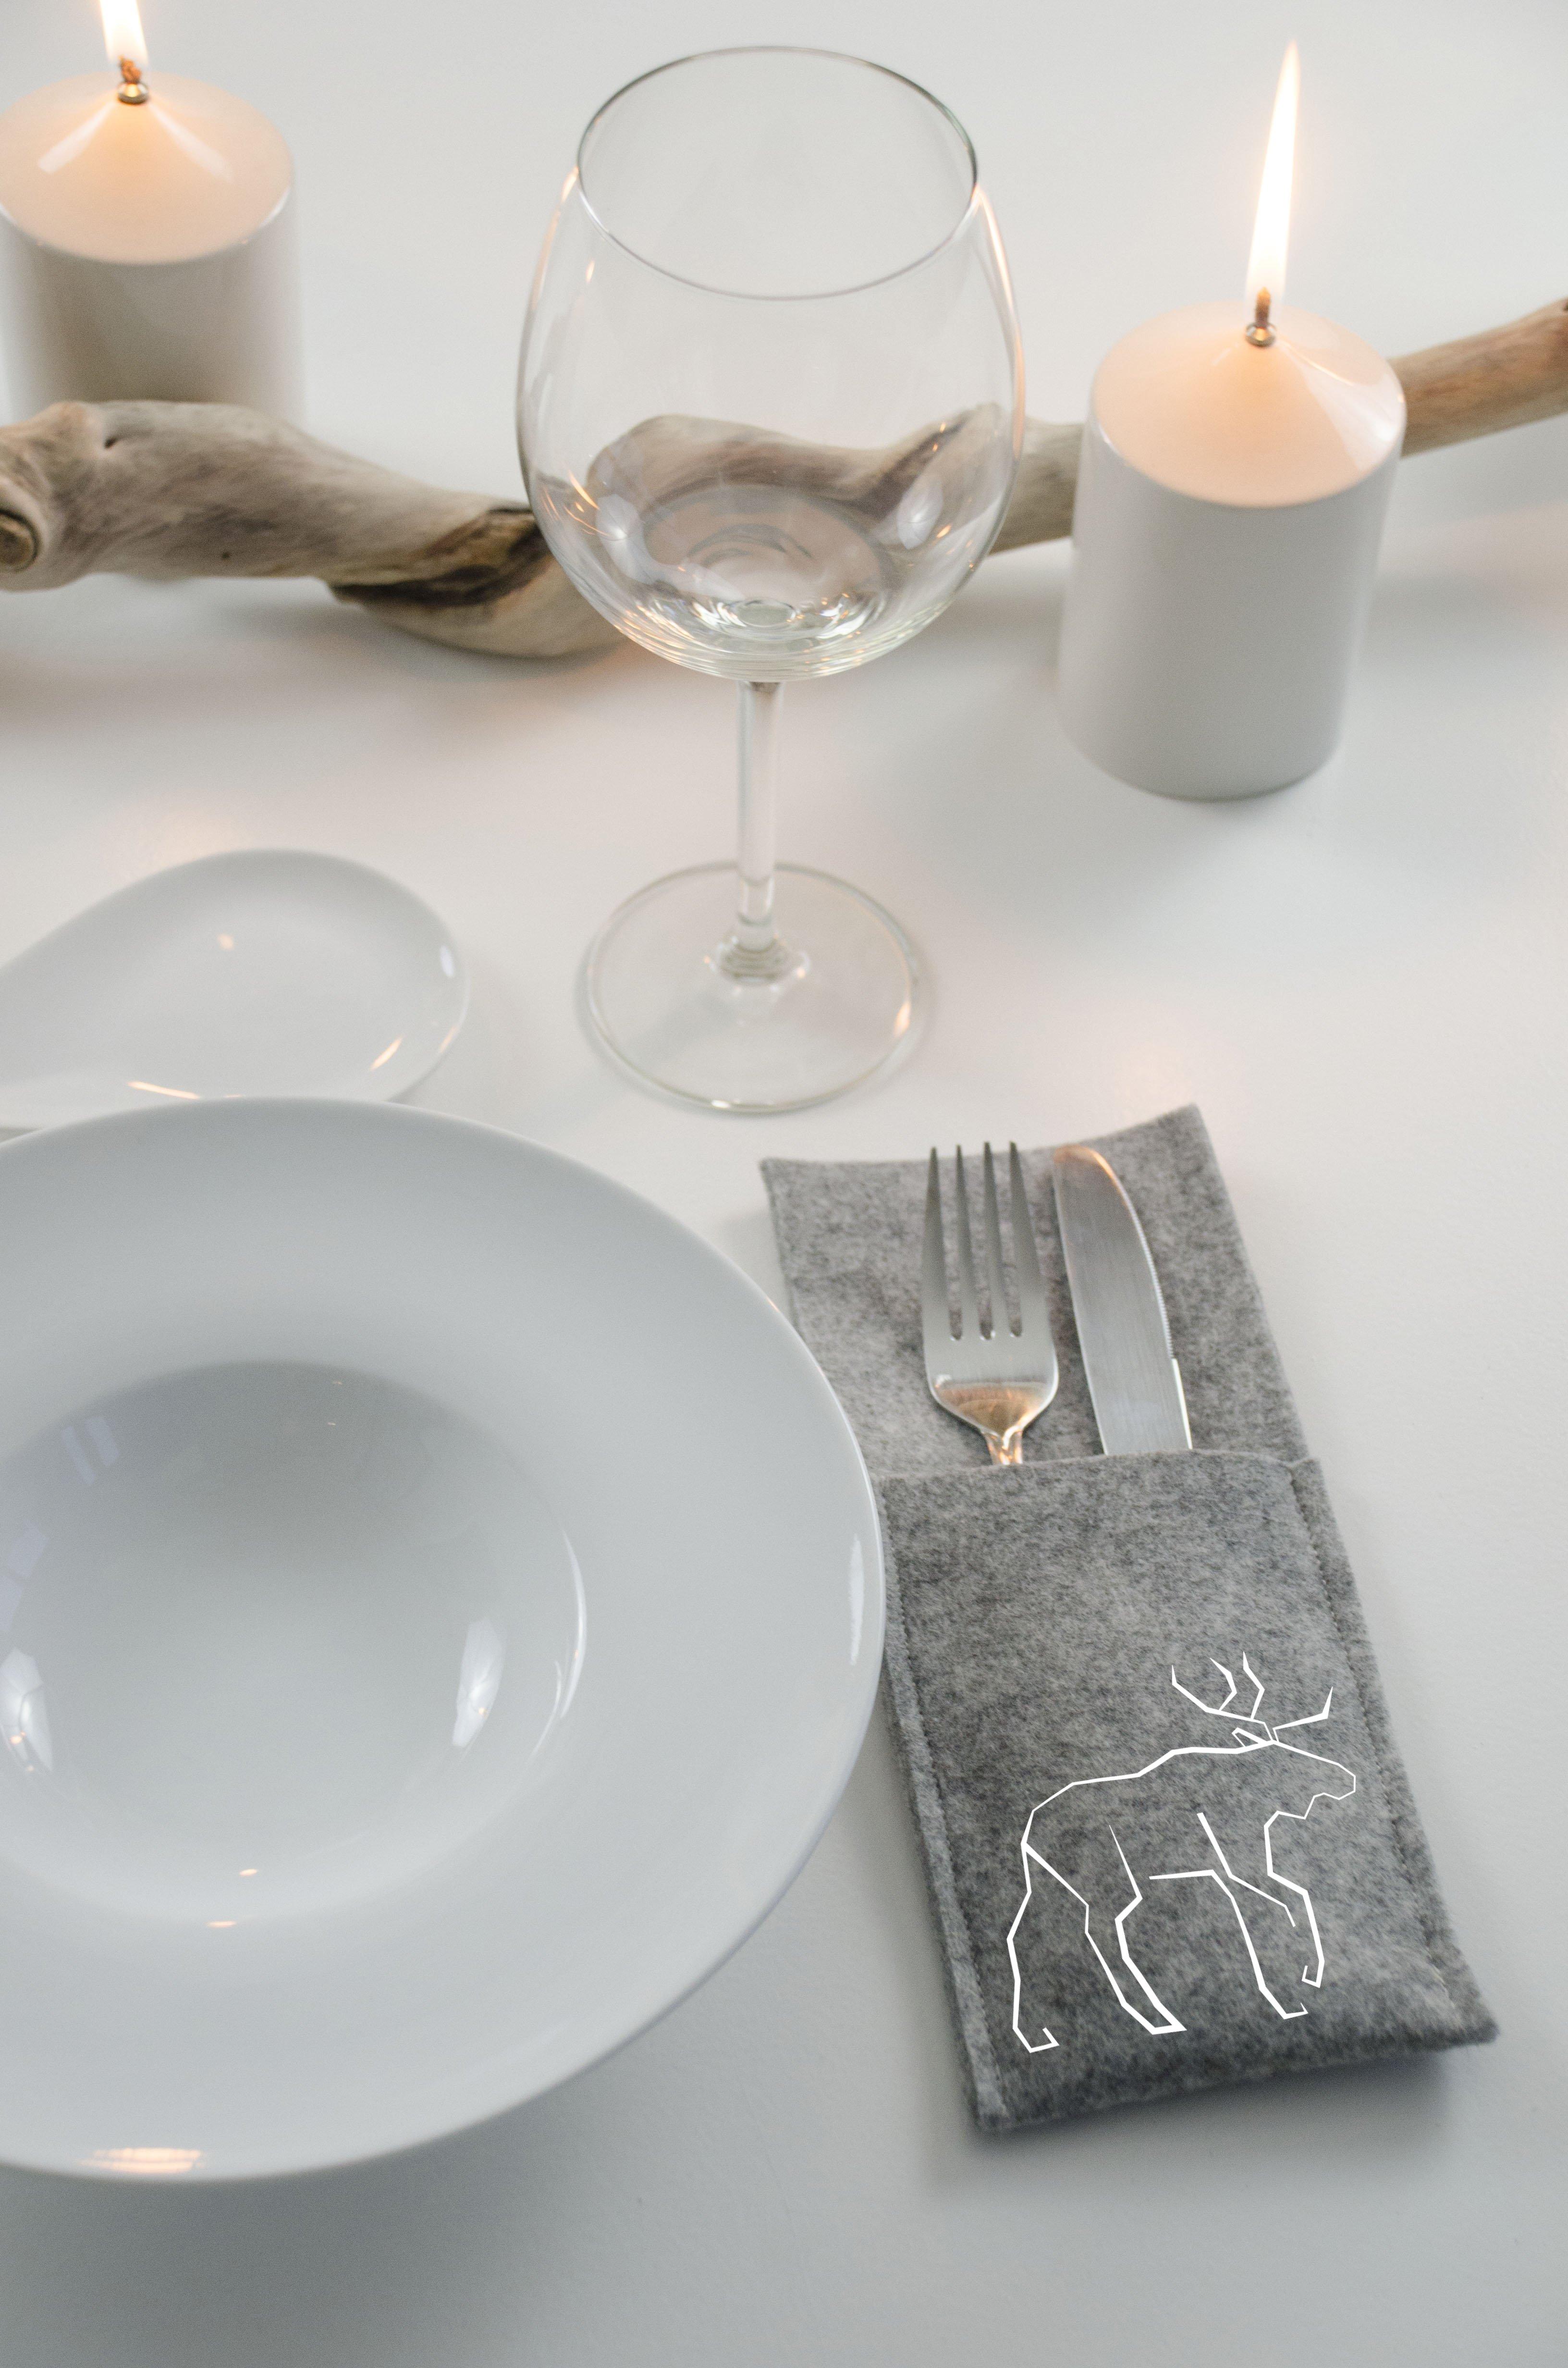 Bestecktasche Nahen Minimalismus Weihnachten Tischdeko Bernina Blog